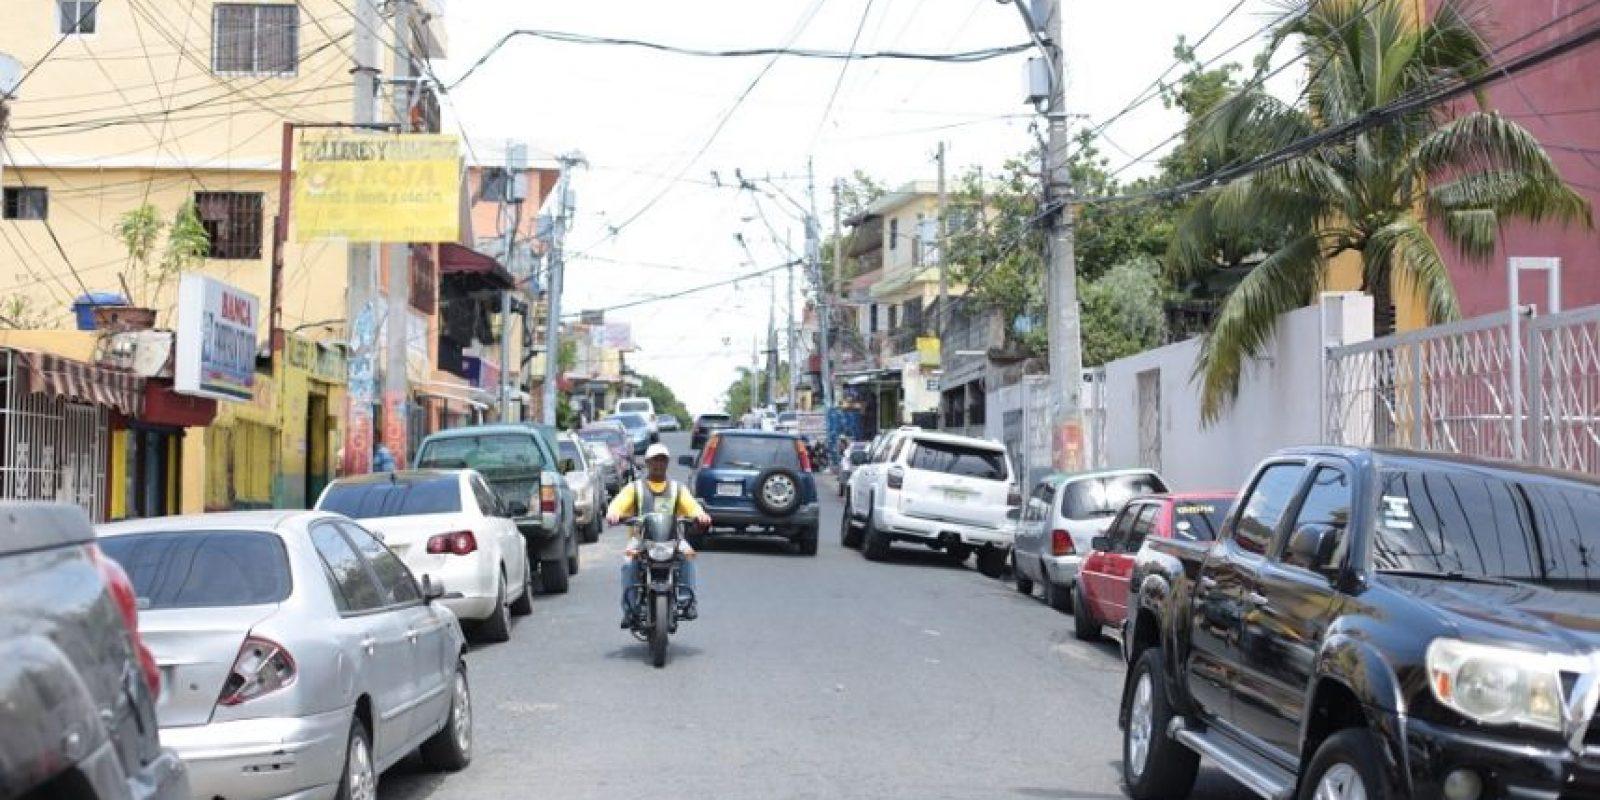 """""""No nos sentimos bien porque andamos con miedo y eso afecta la comunidad"""", expone la presidenta Junta de Vecinos. Foto:Roberto Guzmán"""